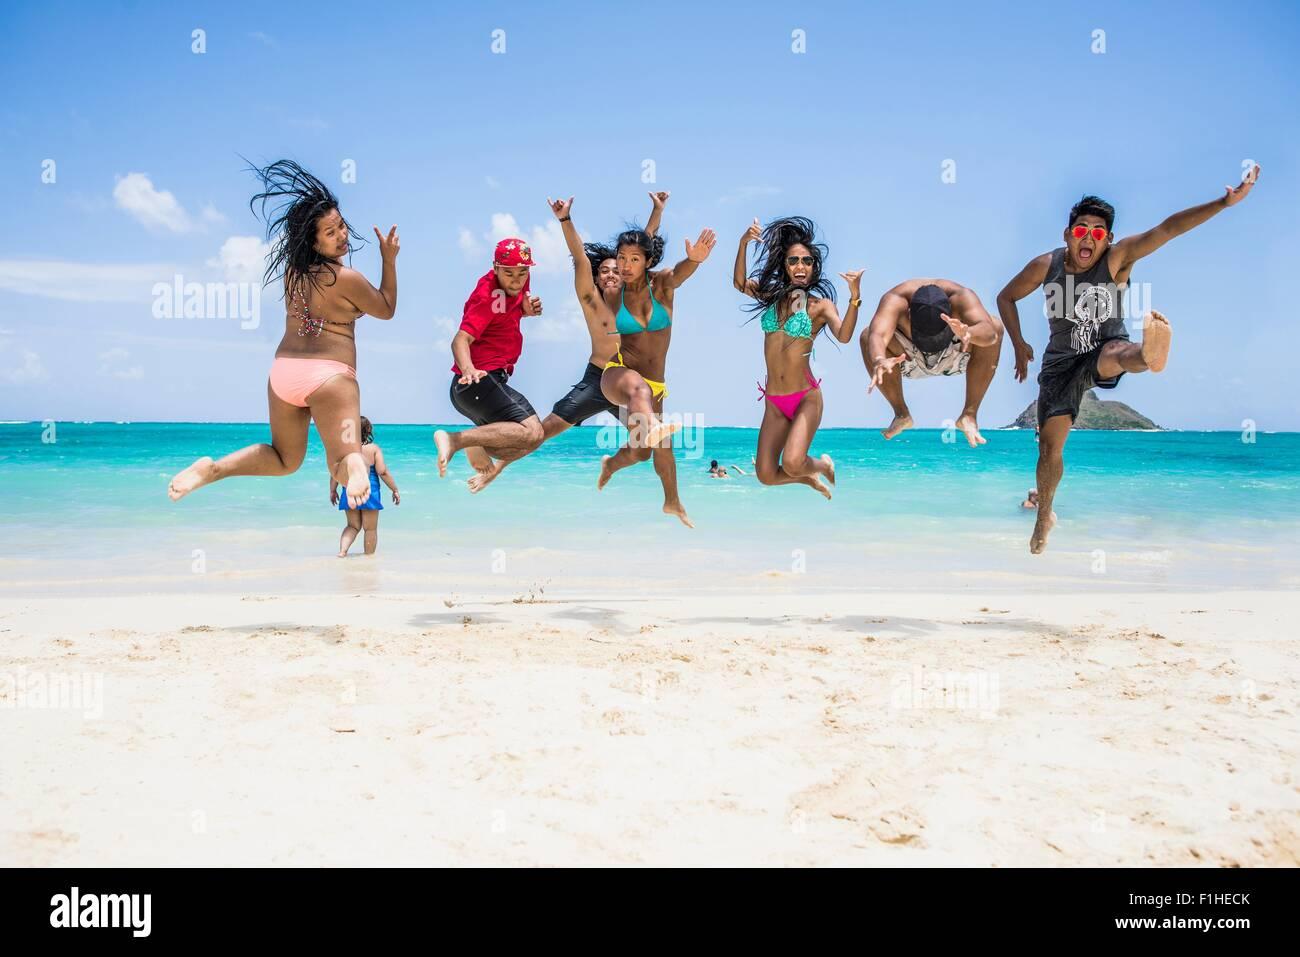 Siete adultos jóvenes saltando en medio del aire Lanikai Beach, Oahu, Hawaii, EE.UU. Imagen De Stock